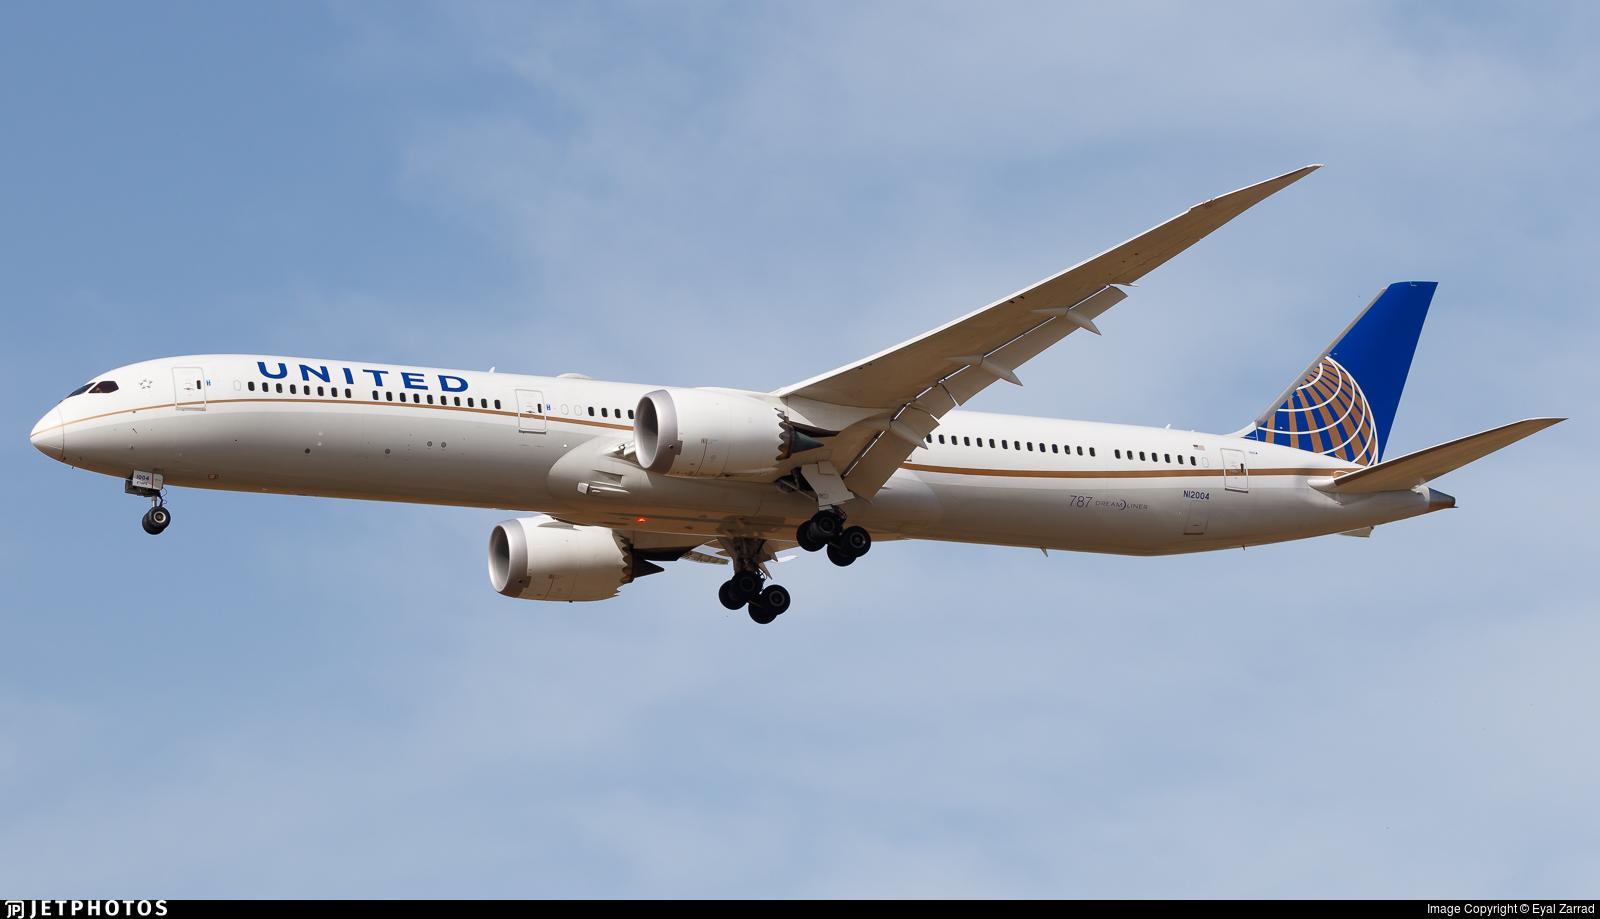 N12004 - Boeing 787-10 Dreamliner - United Airlines